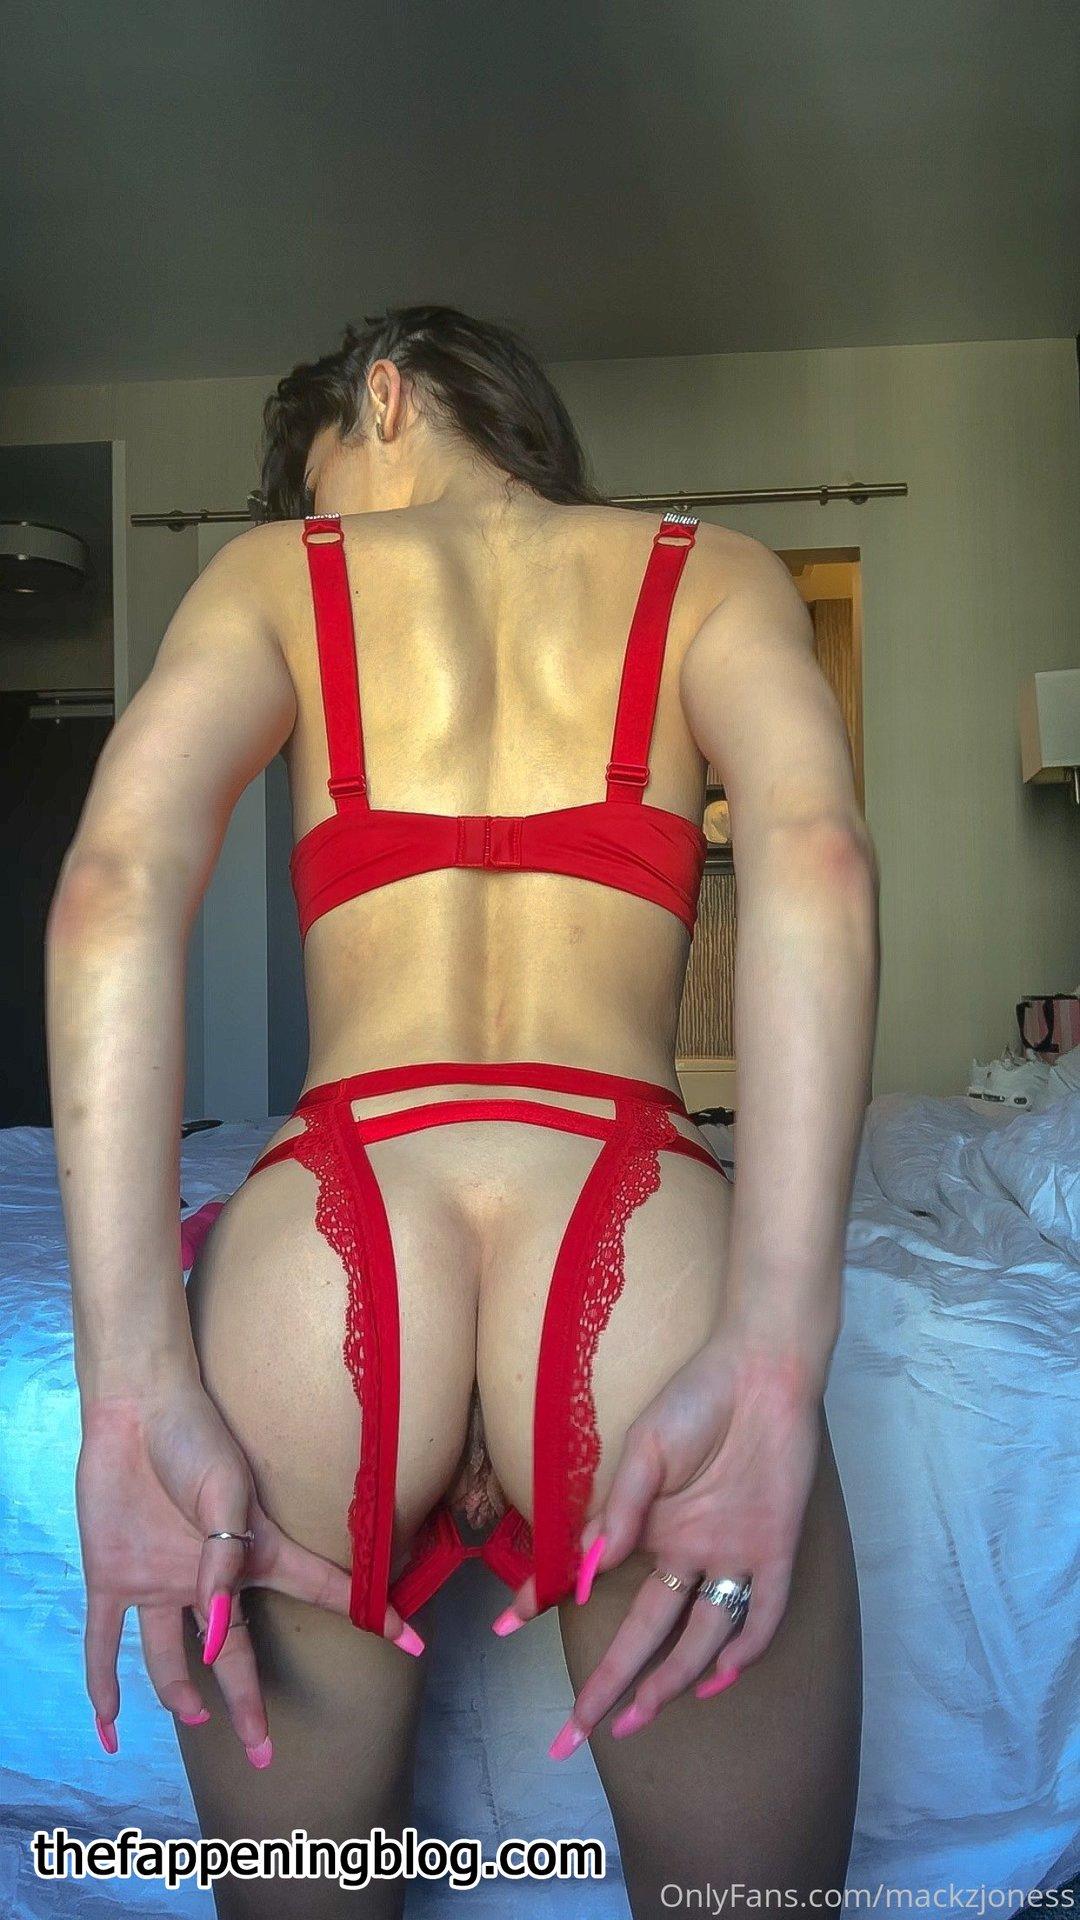 Mackenzie Jones aka mackzjoness Leaked Photo 141